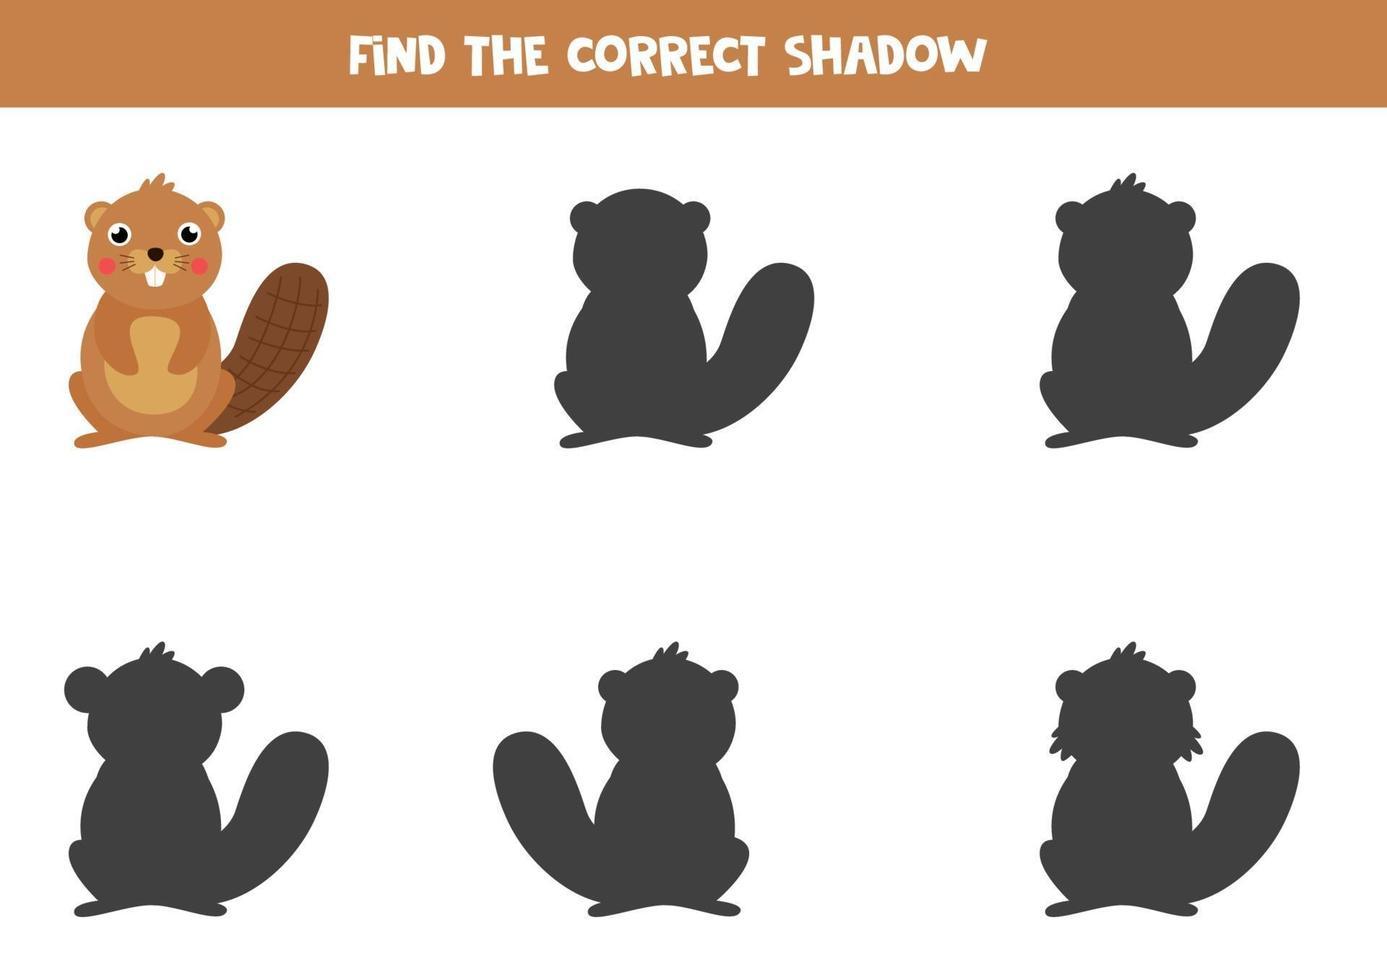 encontrar a sombra certa do castor bonito dos desenhos animados. vetor